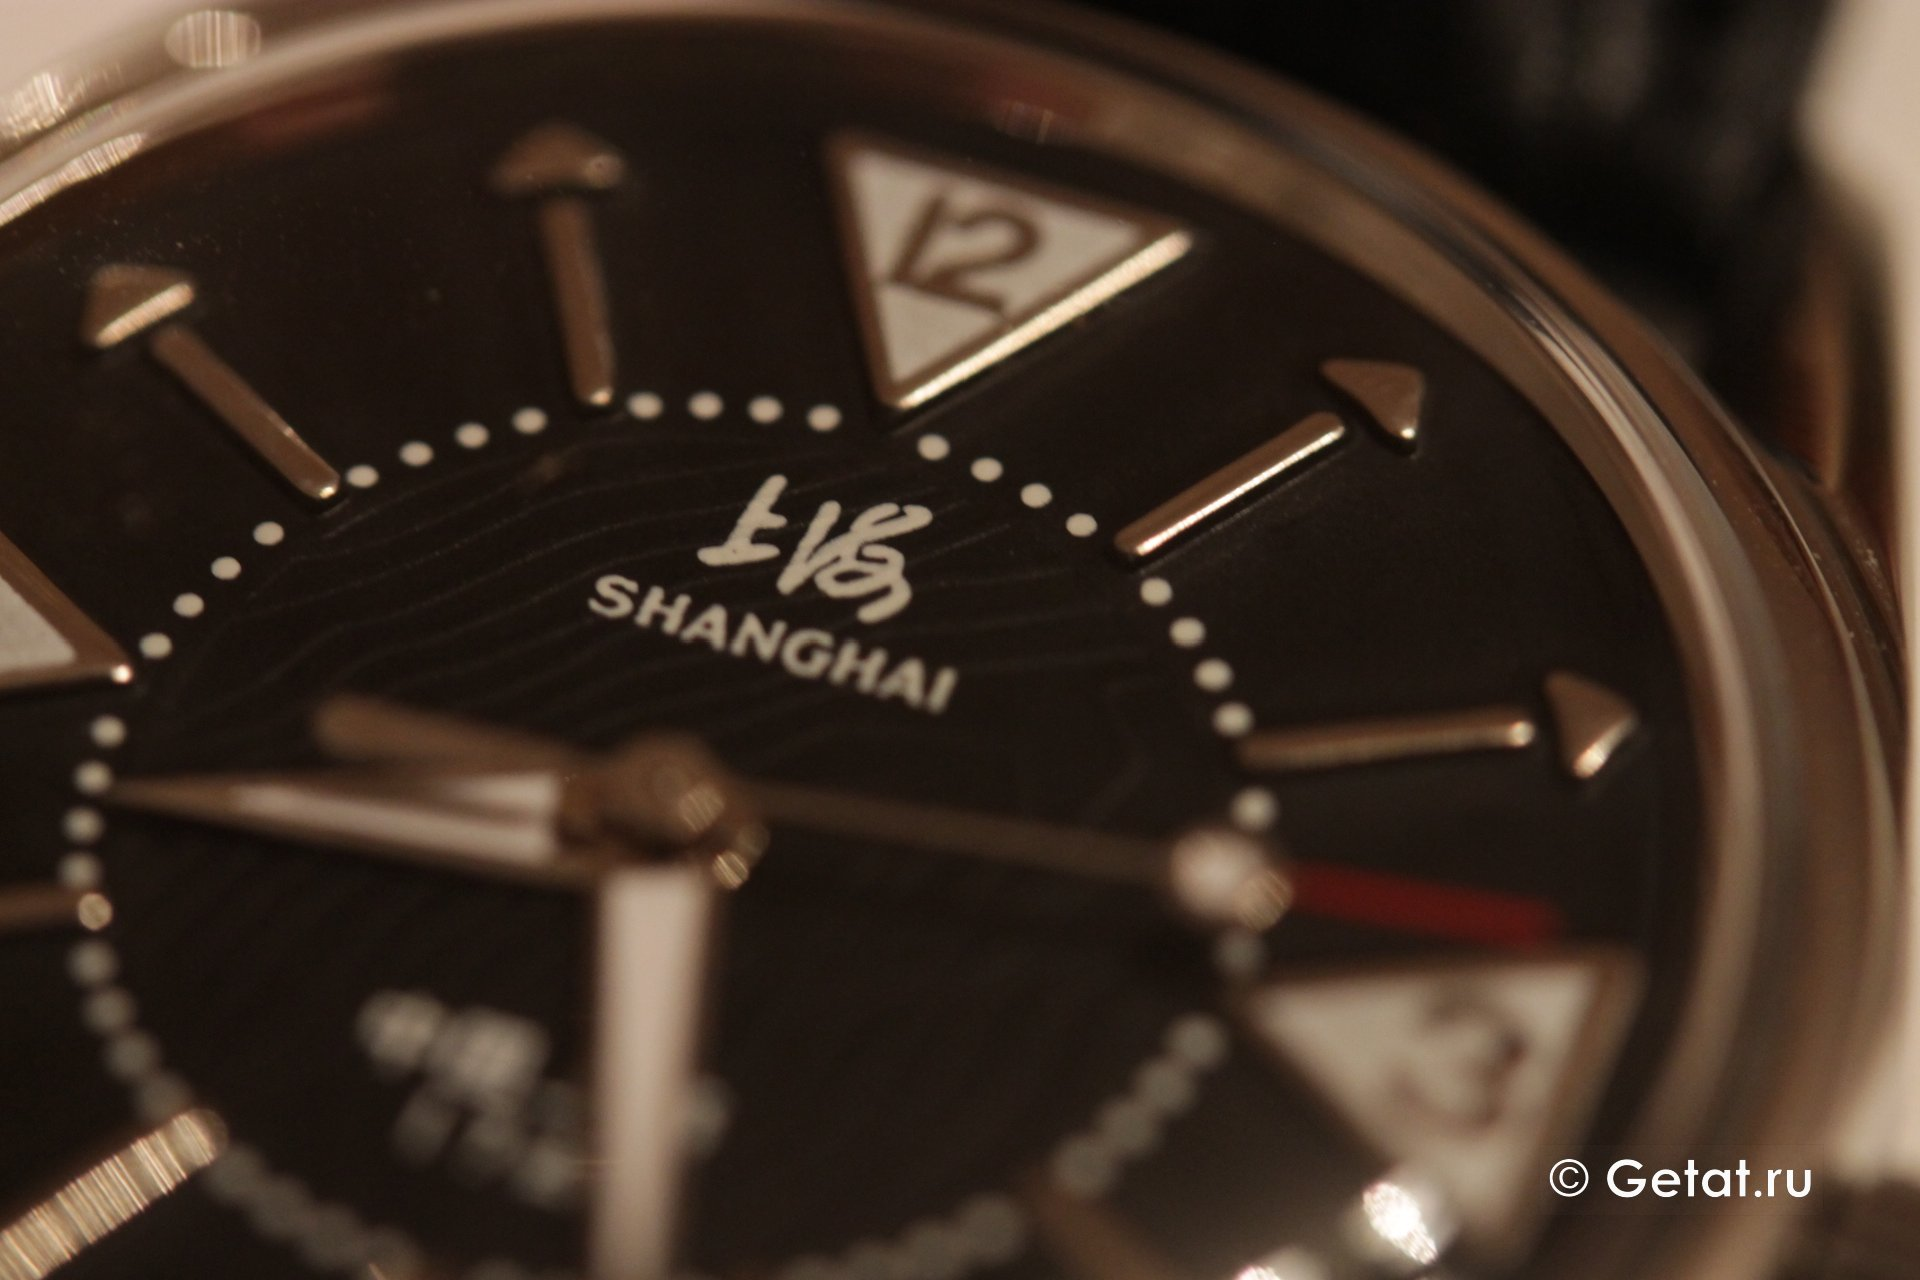 Часы Shanghai 8120 — обзор классики из прошлого ценой $50